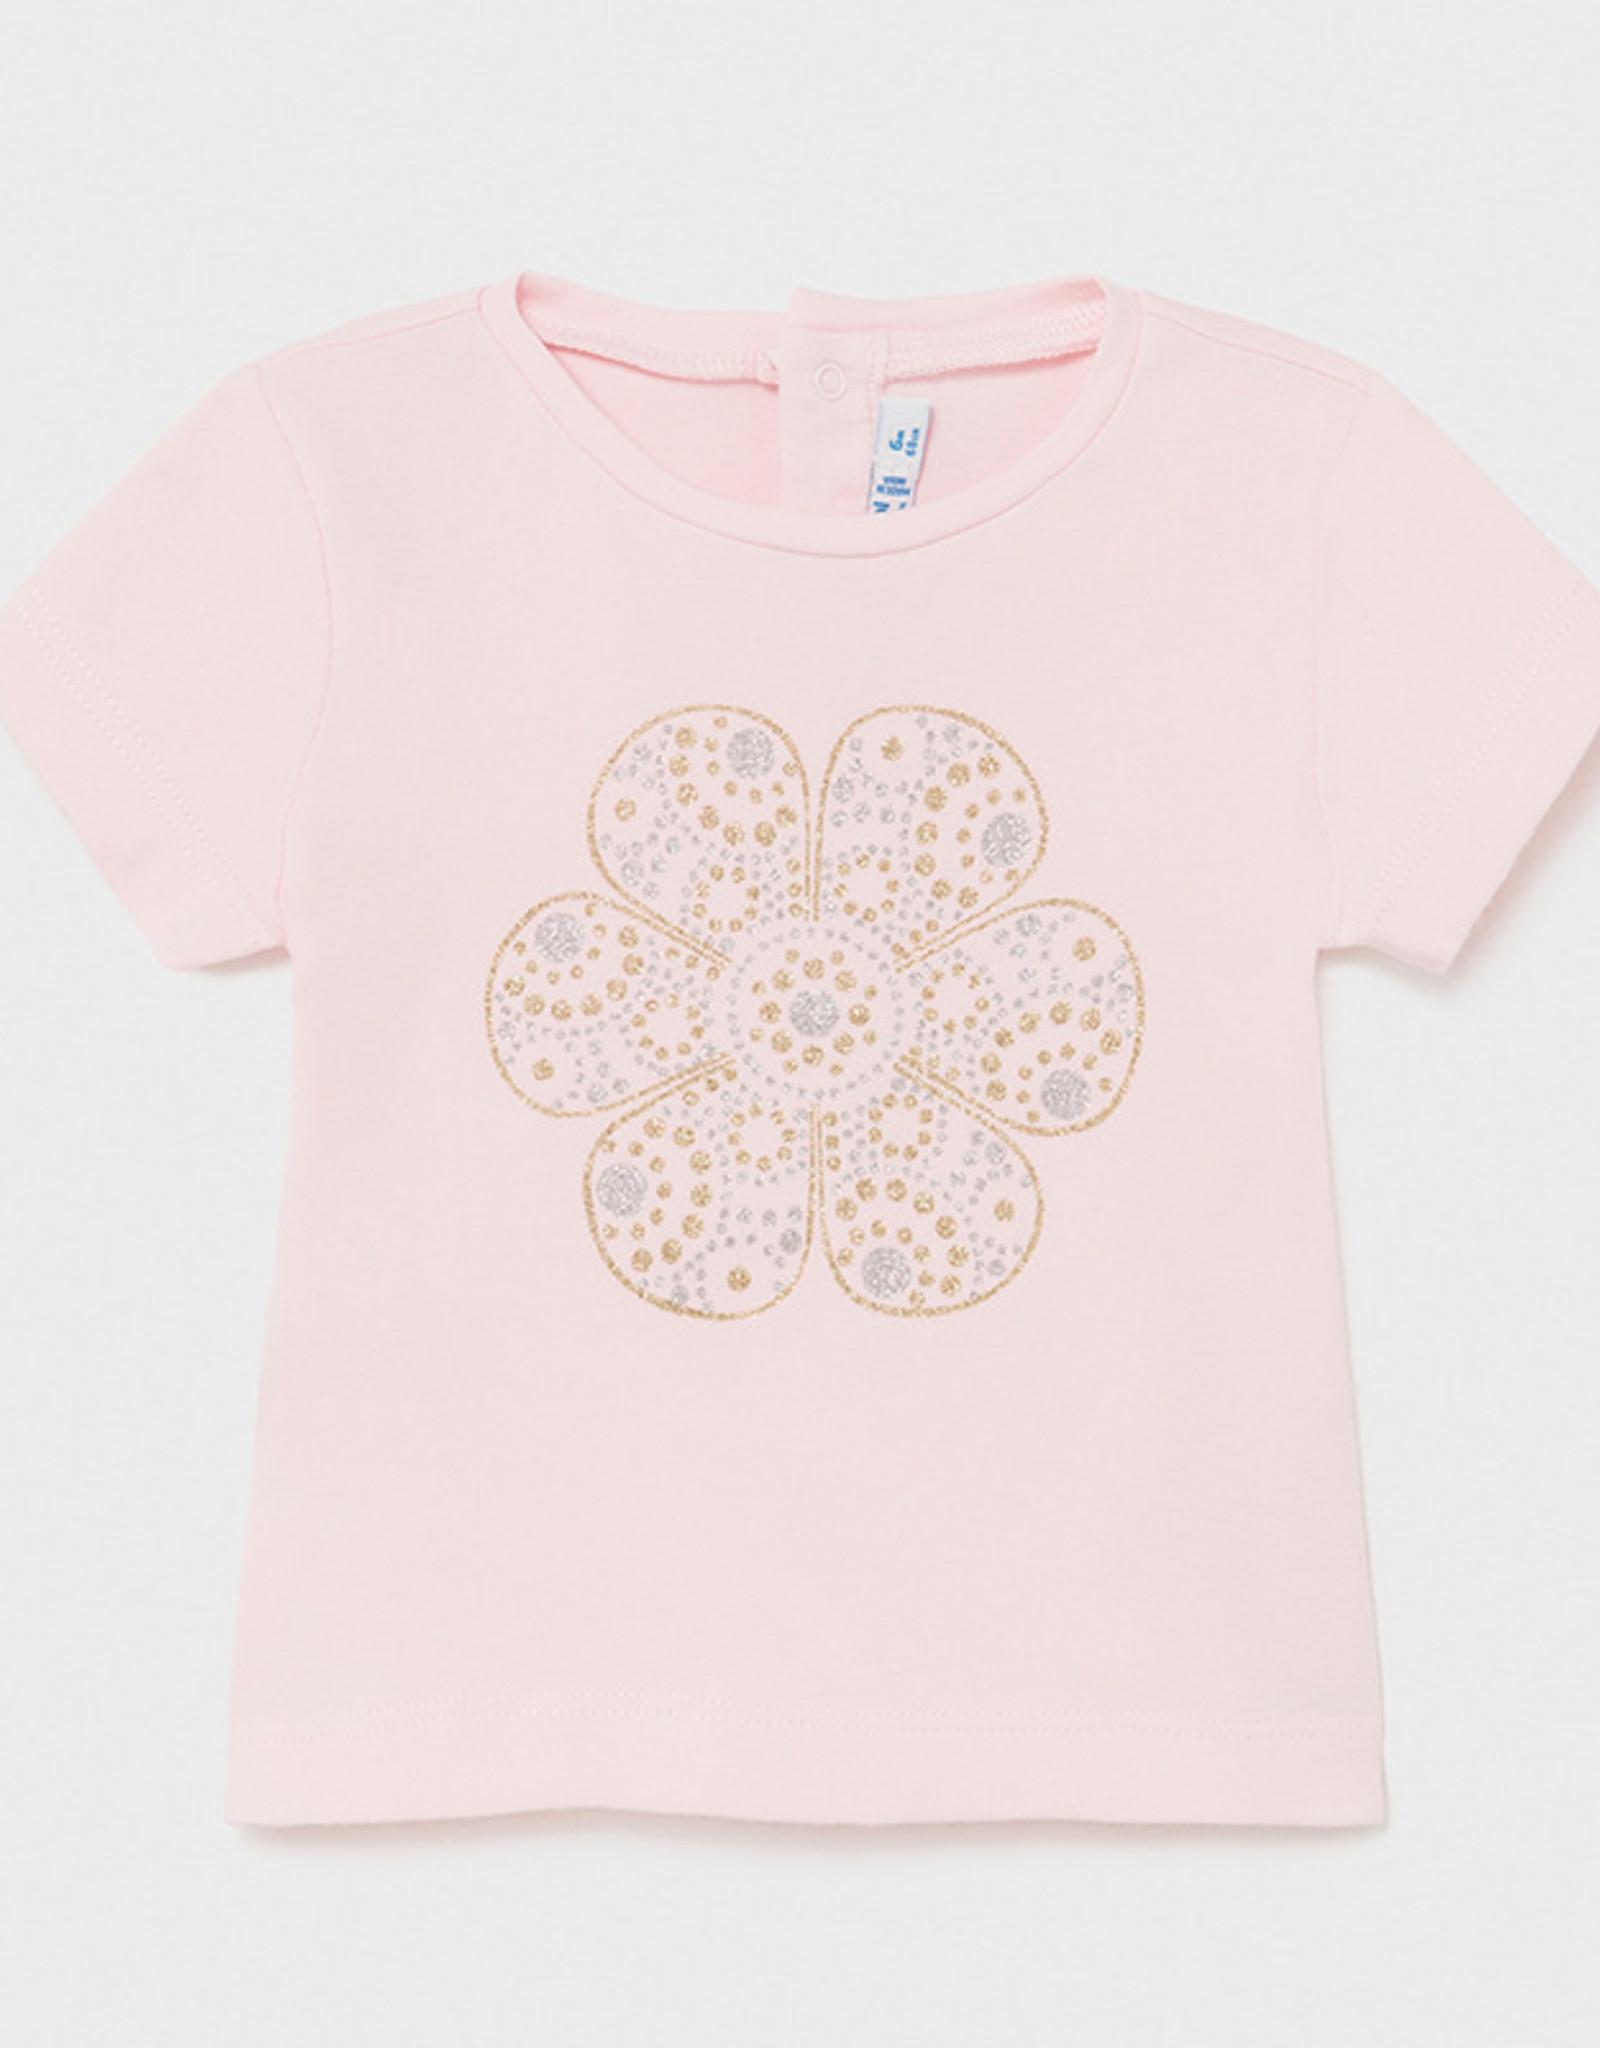 Mayoral SP21 BbyG Pink Flower T-Shirt